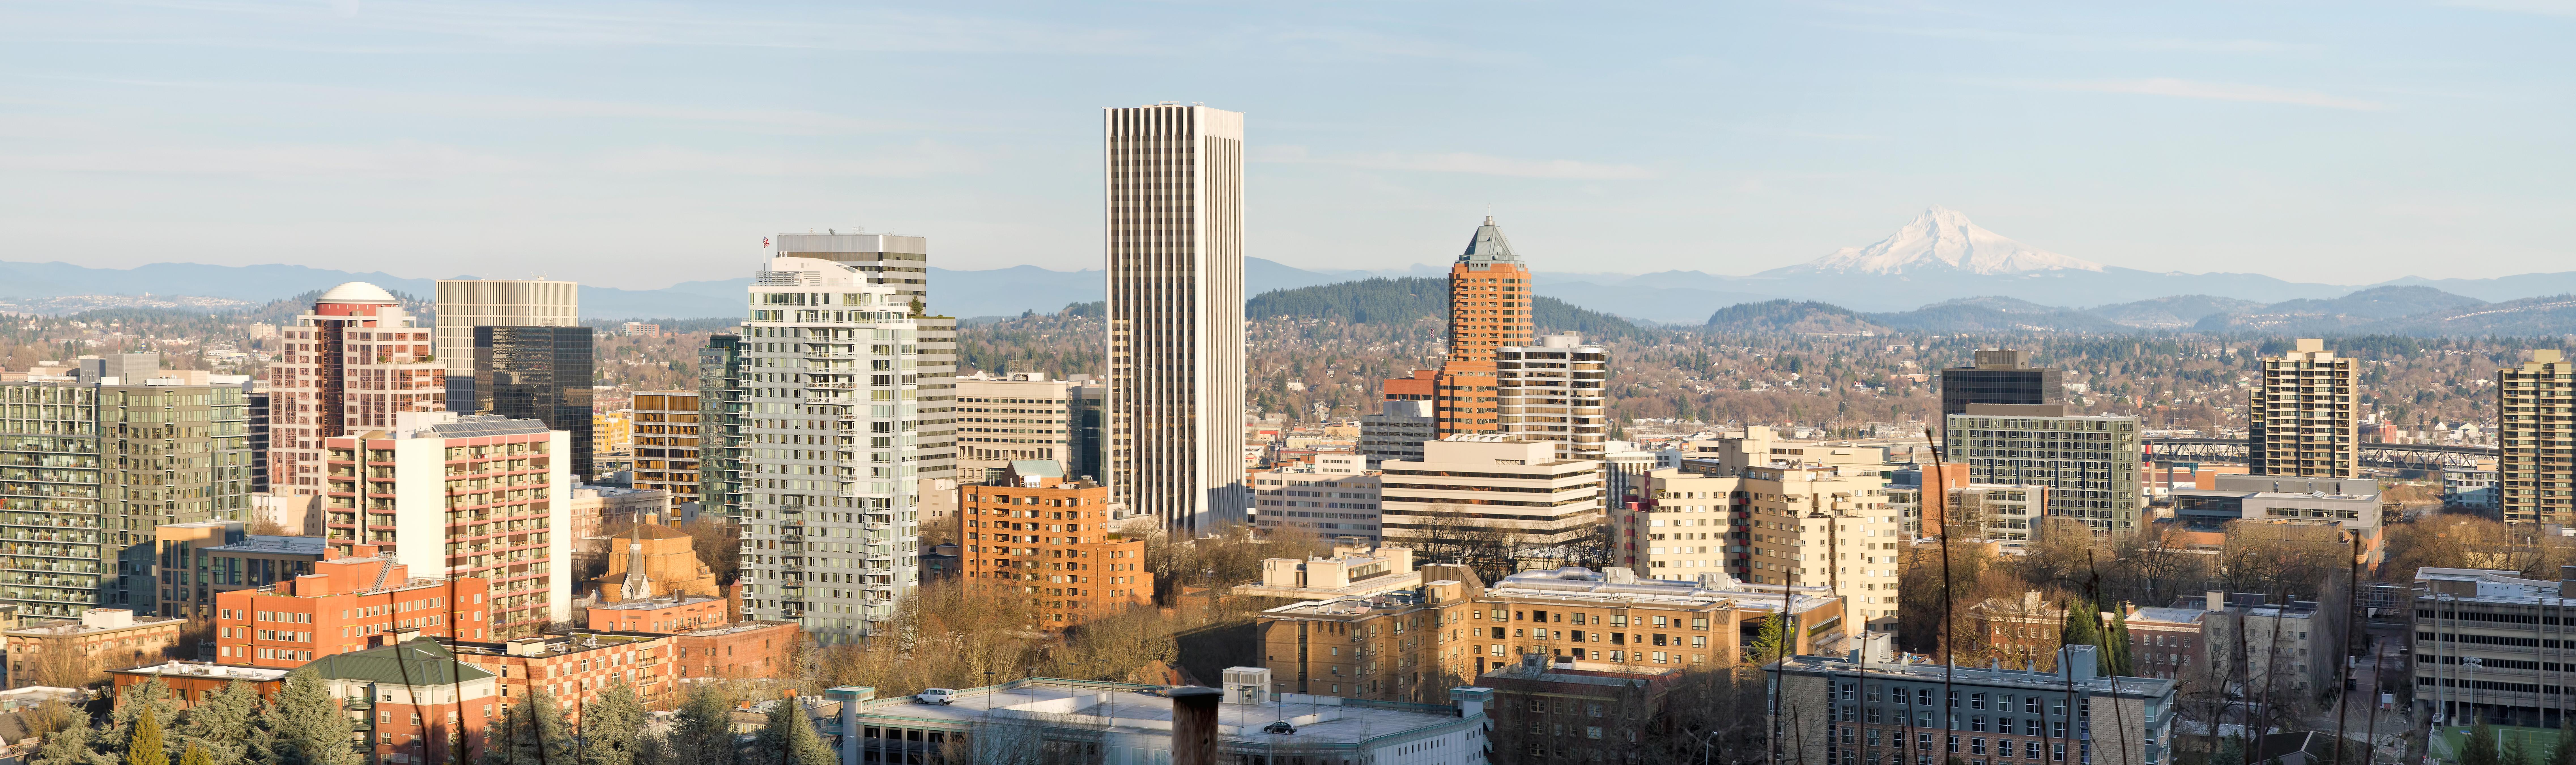 Portland | KINK – KUPL